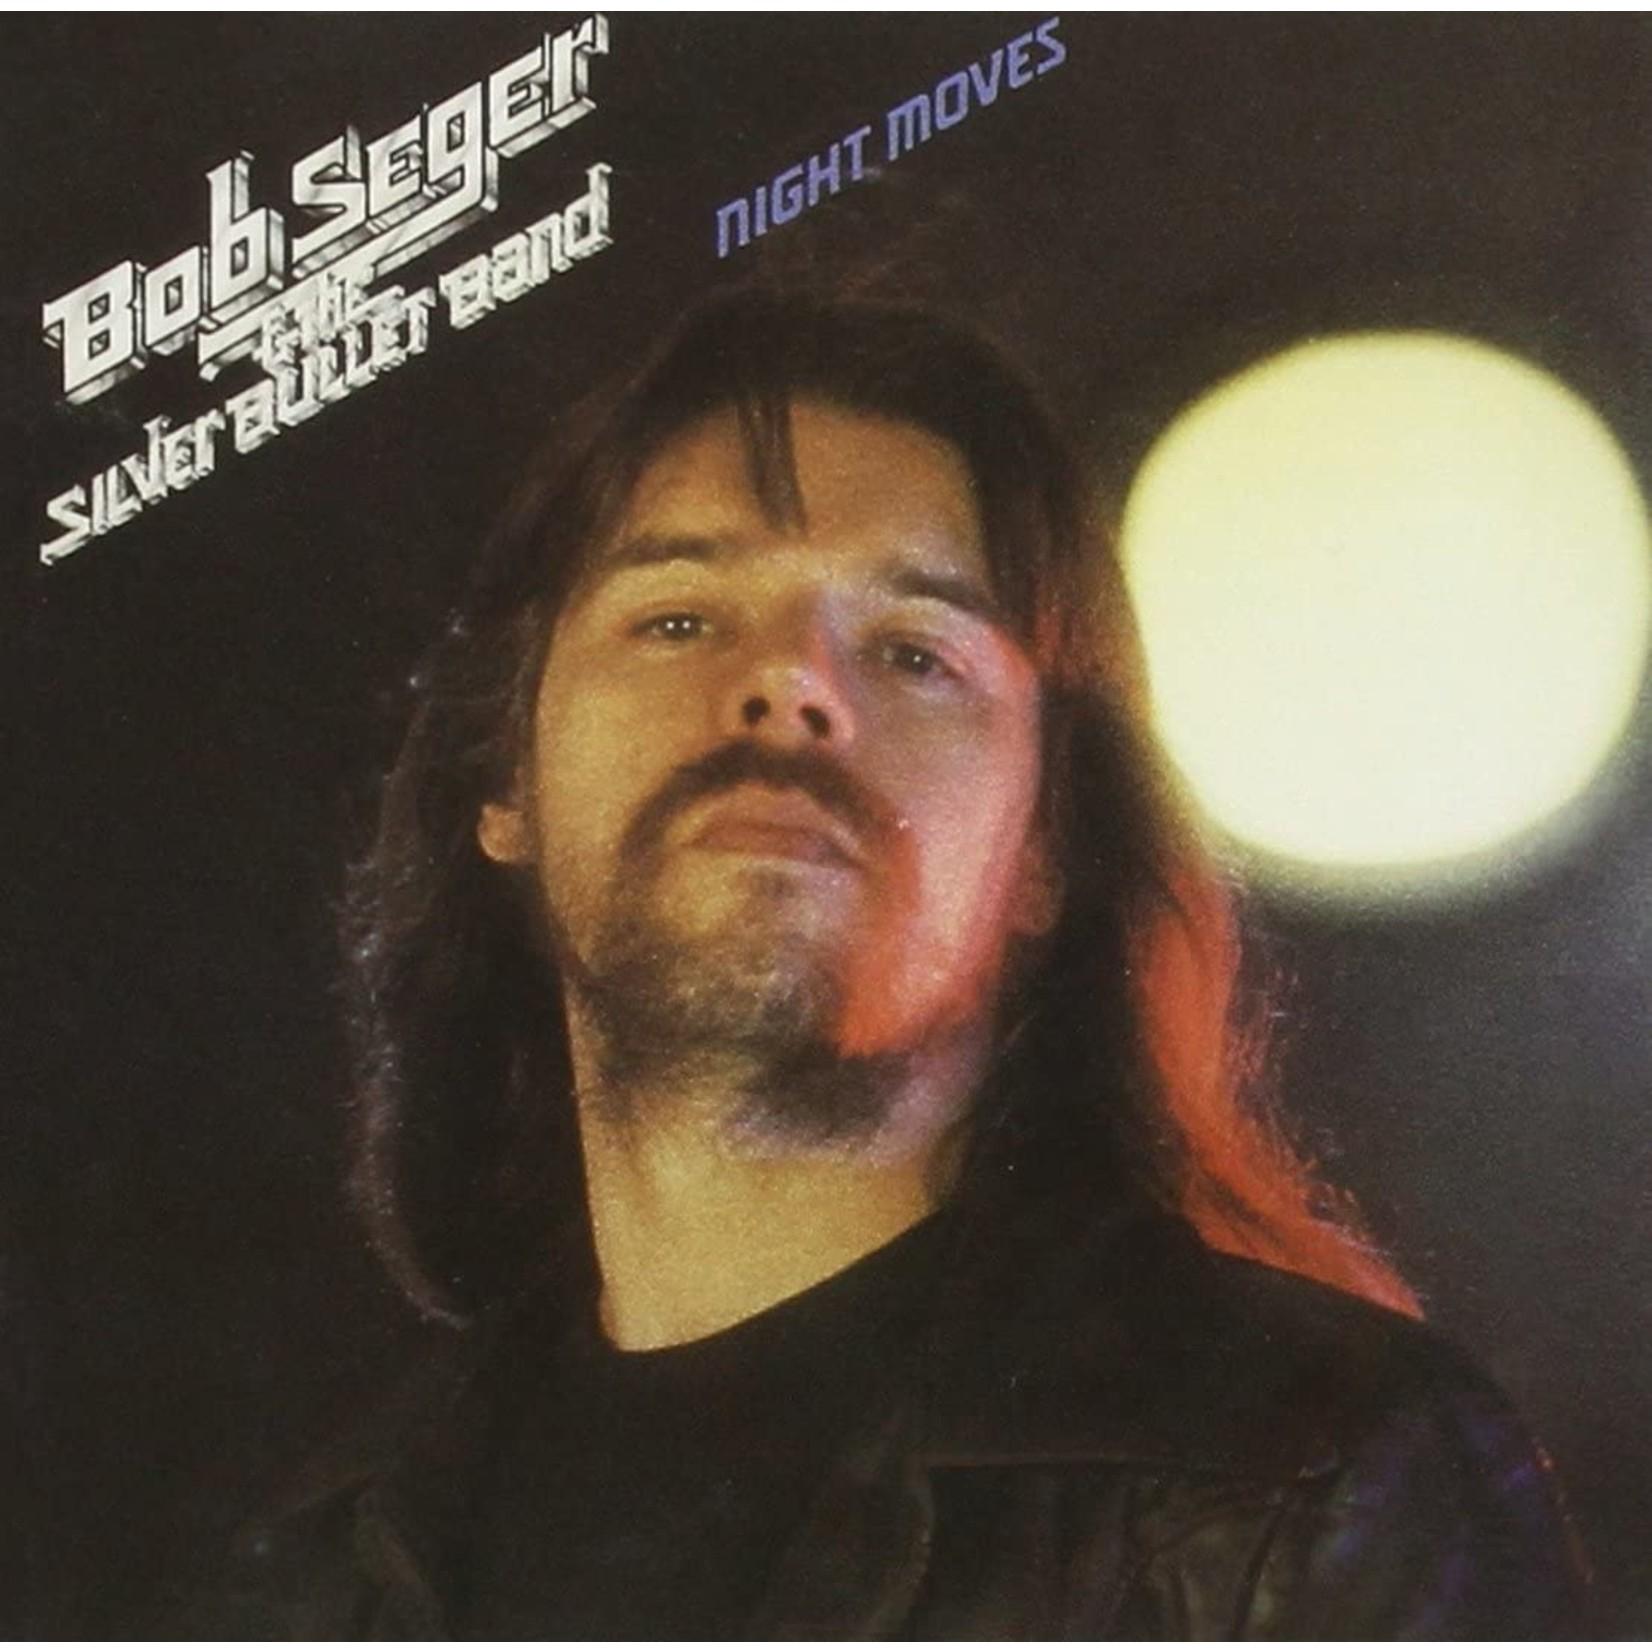 [Vintage] Seger, Bob: Night Moves